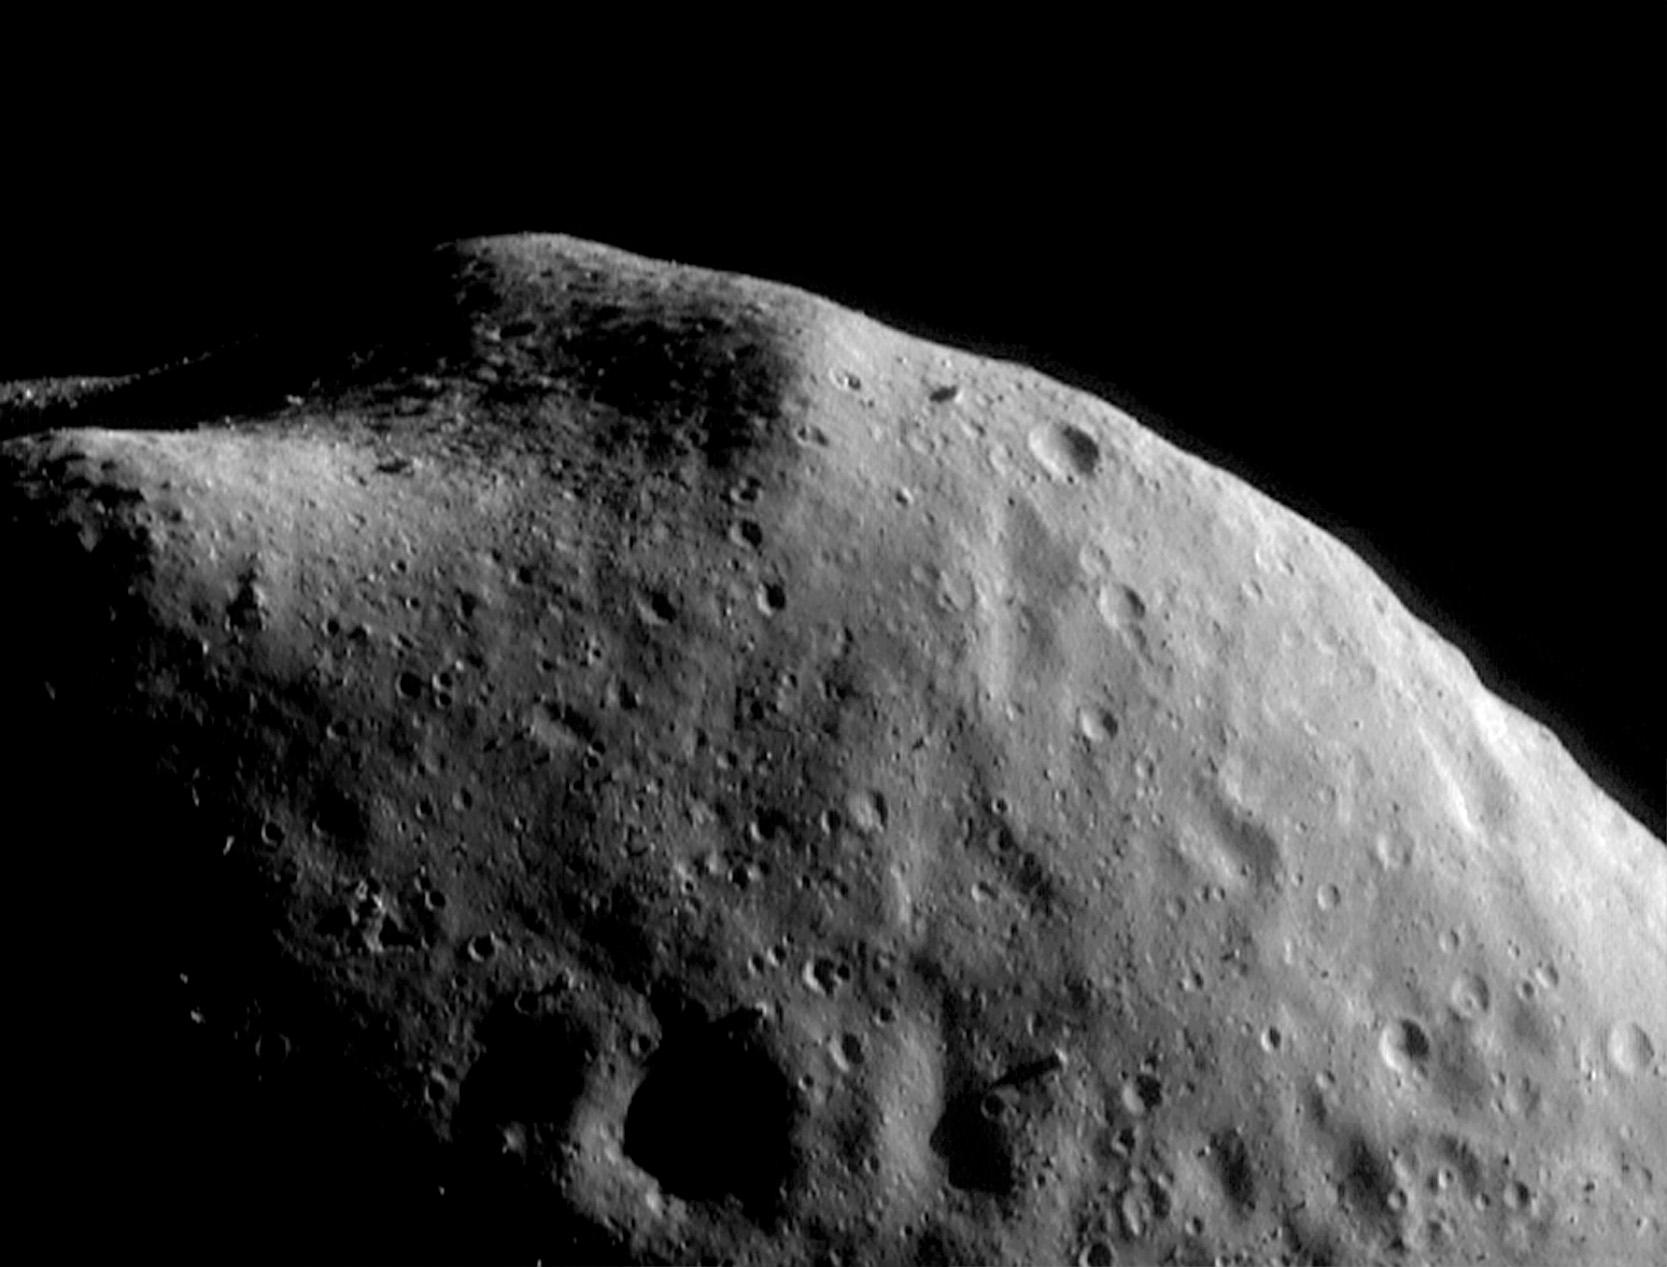 Eros Asteroid Nasa images